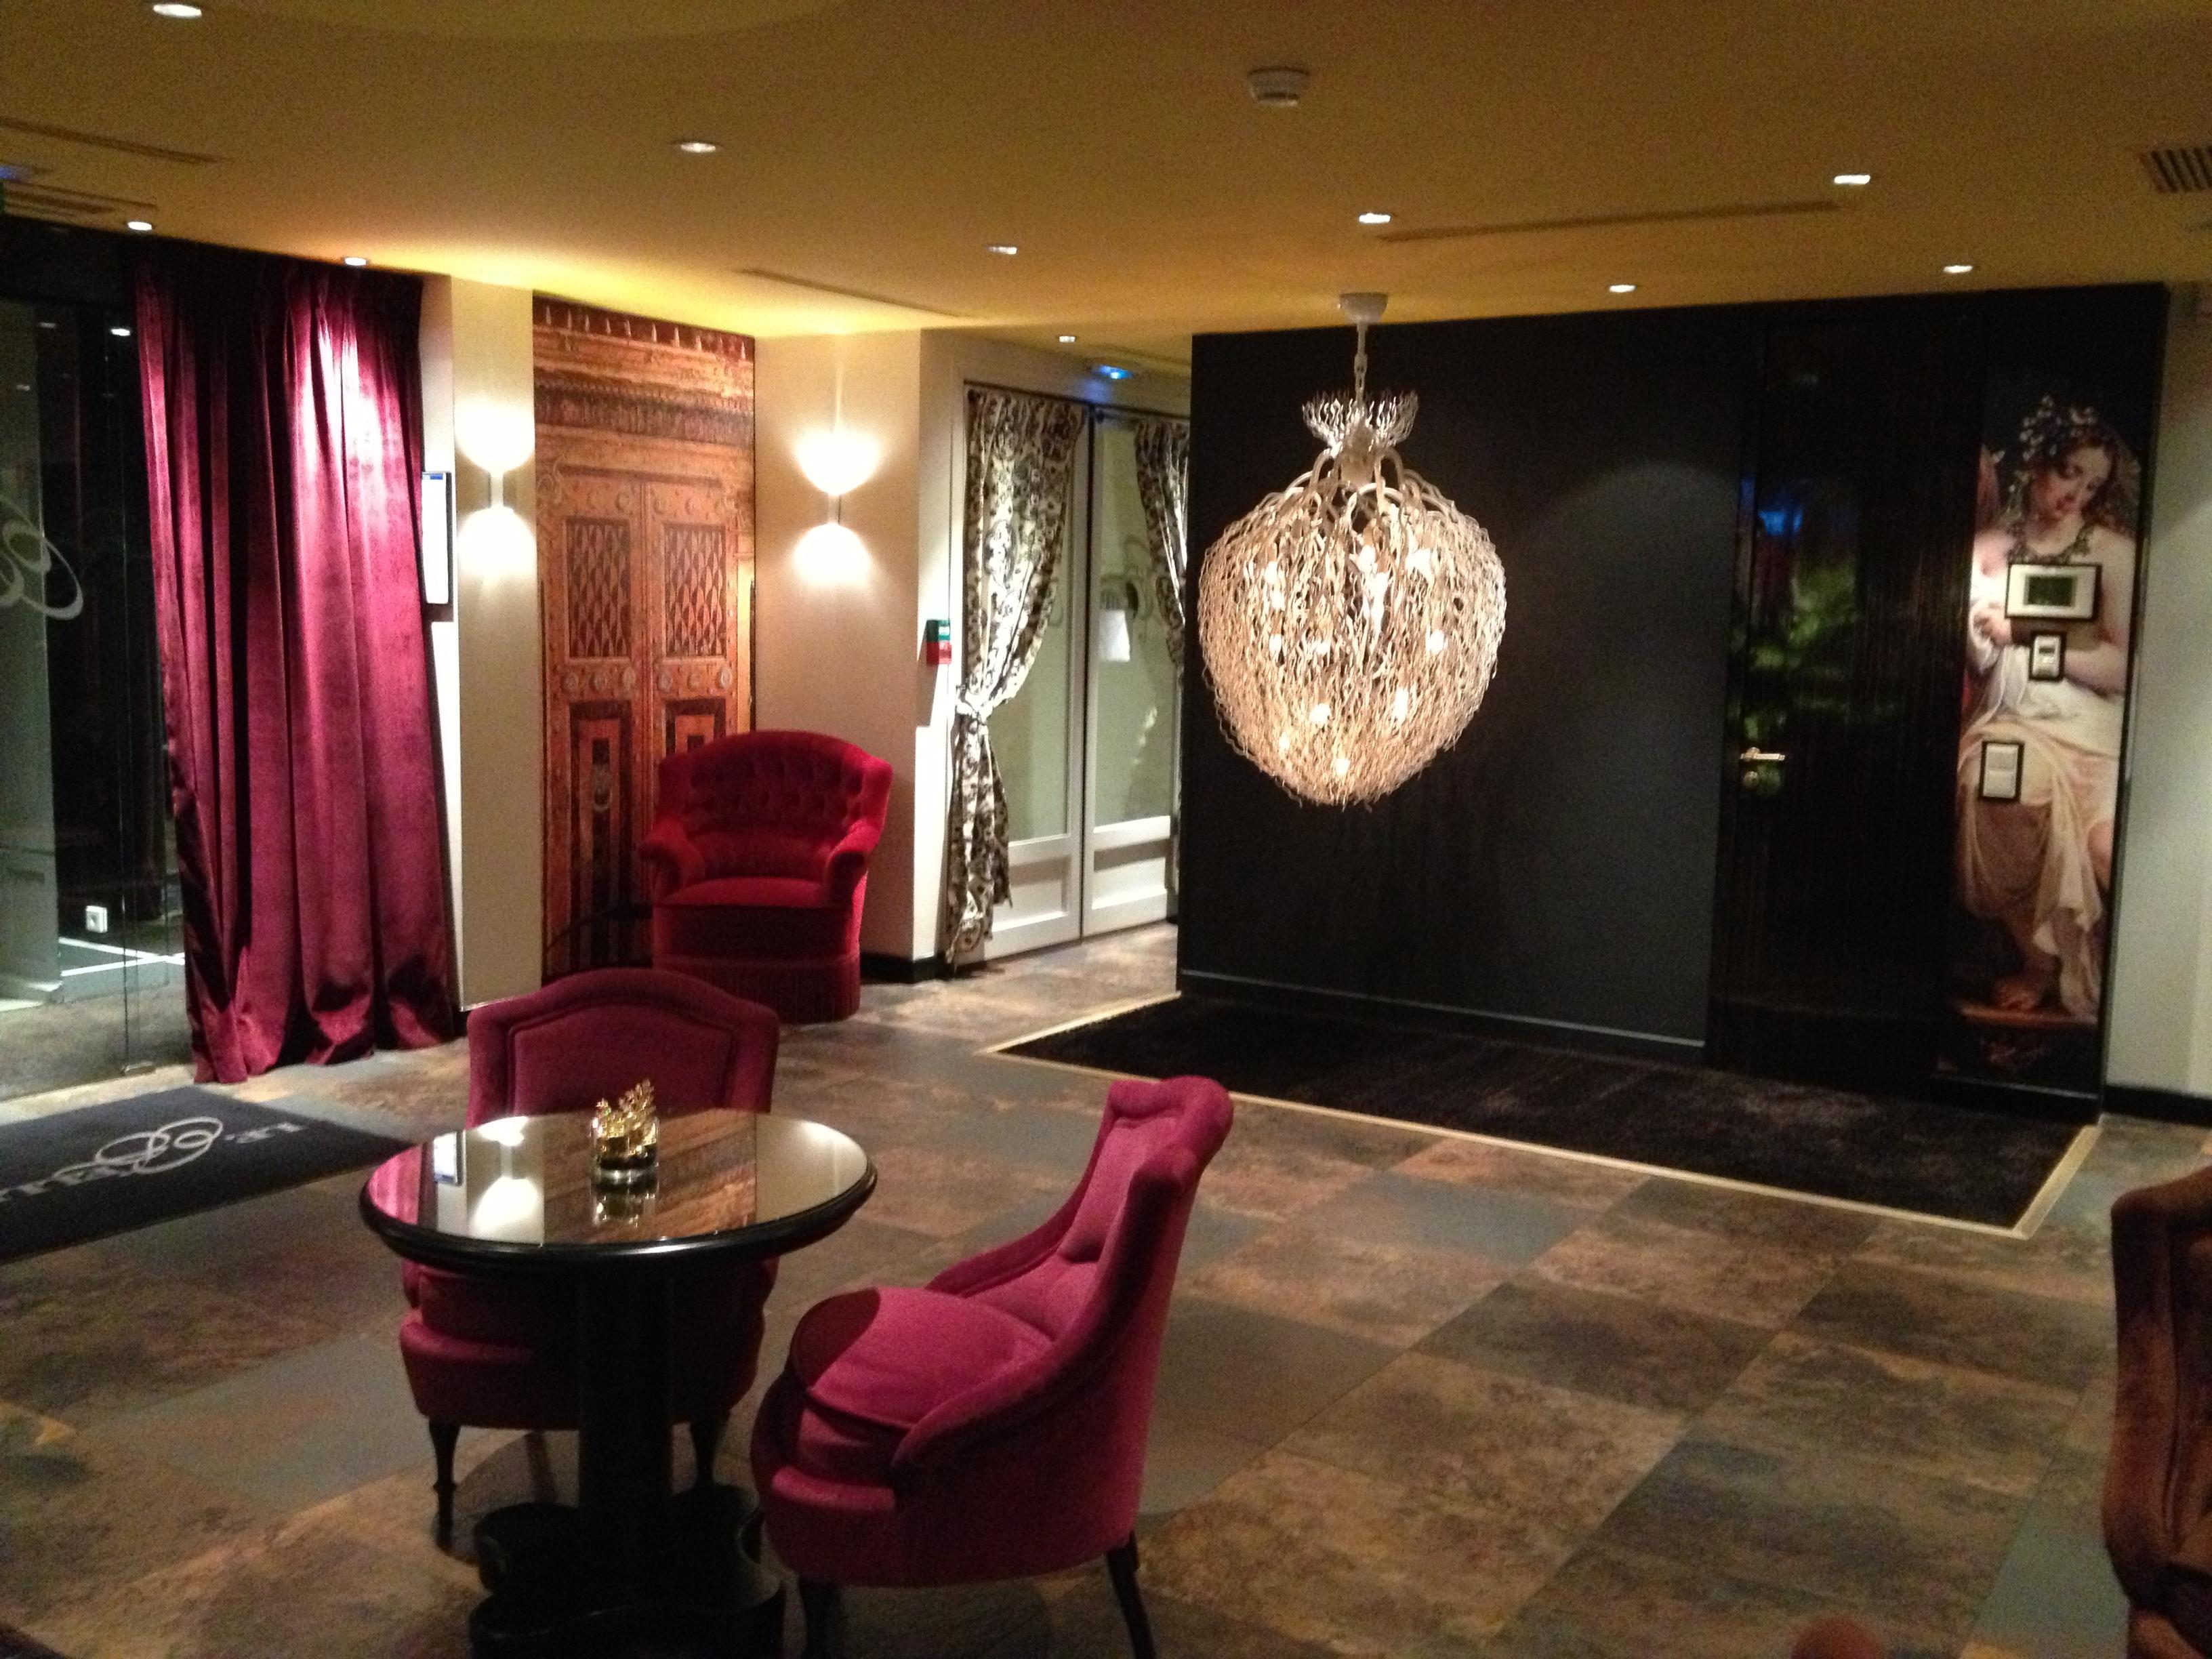 Hotel le bellechasse paris cellophaneland - Hotel bellechasse paris ...